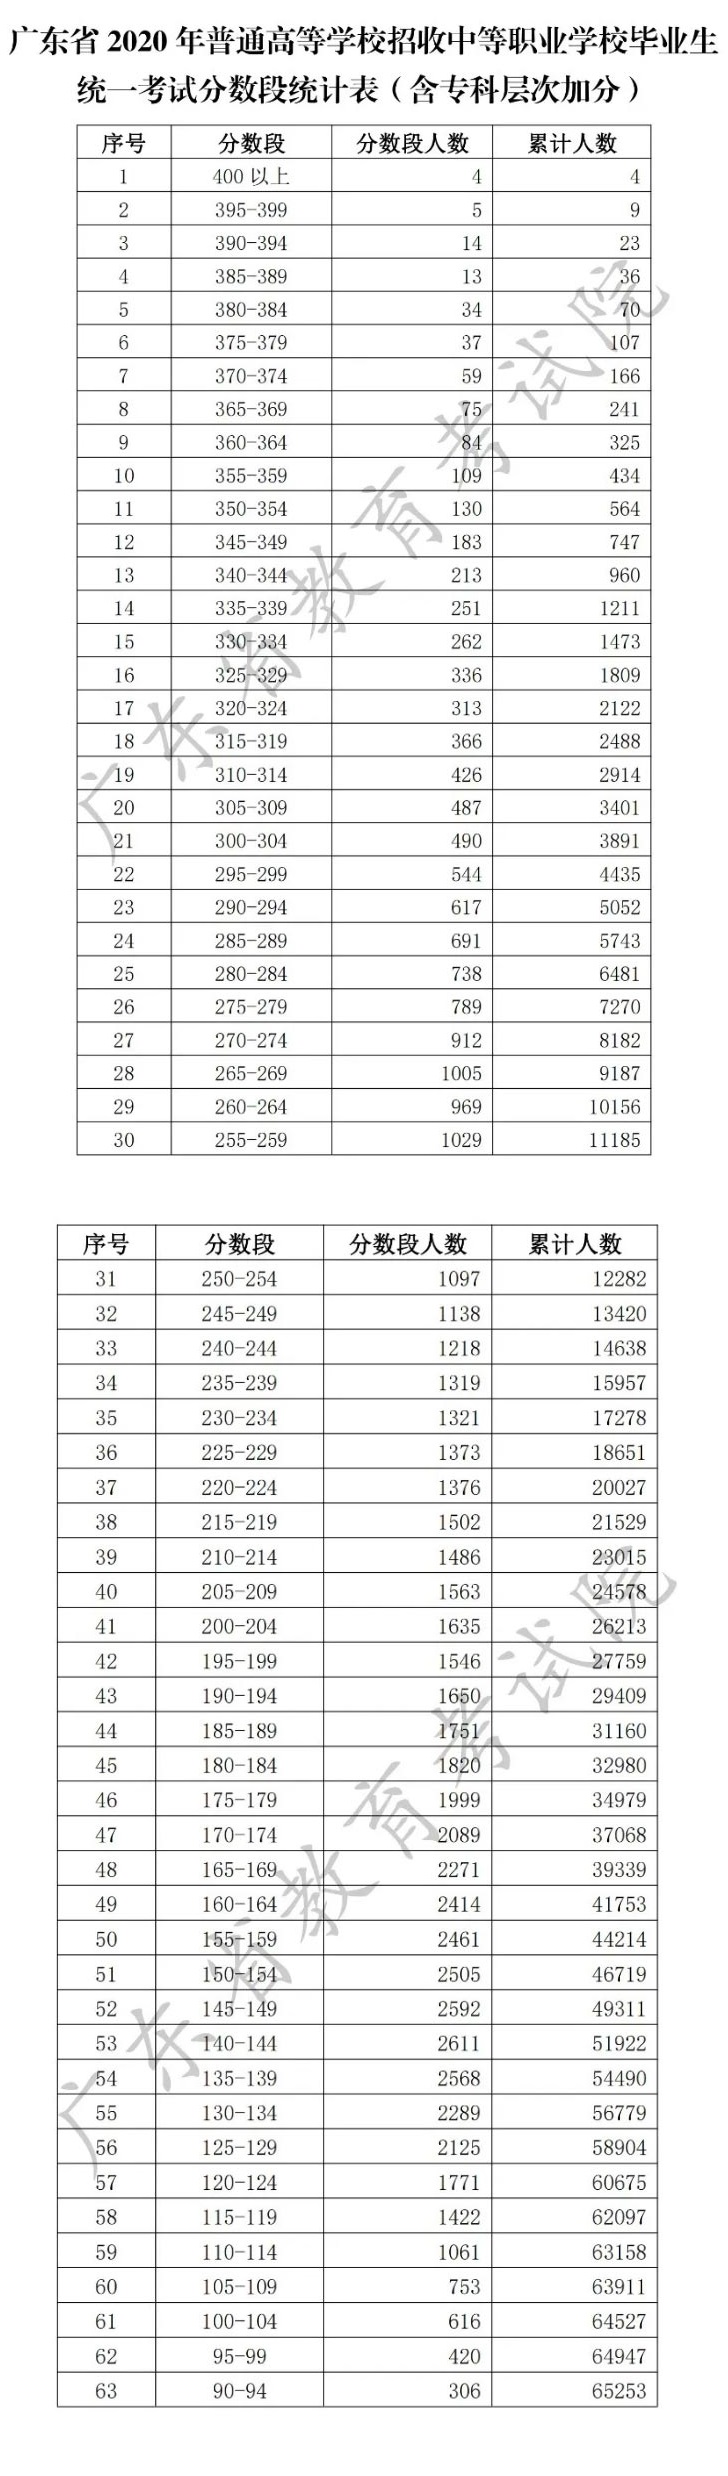 2020年广东省普通高等学校招收中等职业学校毕业生统一考试分数段统计表